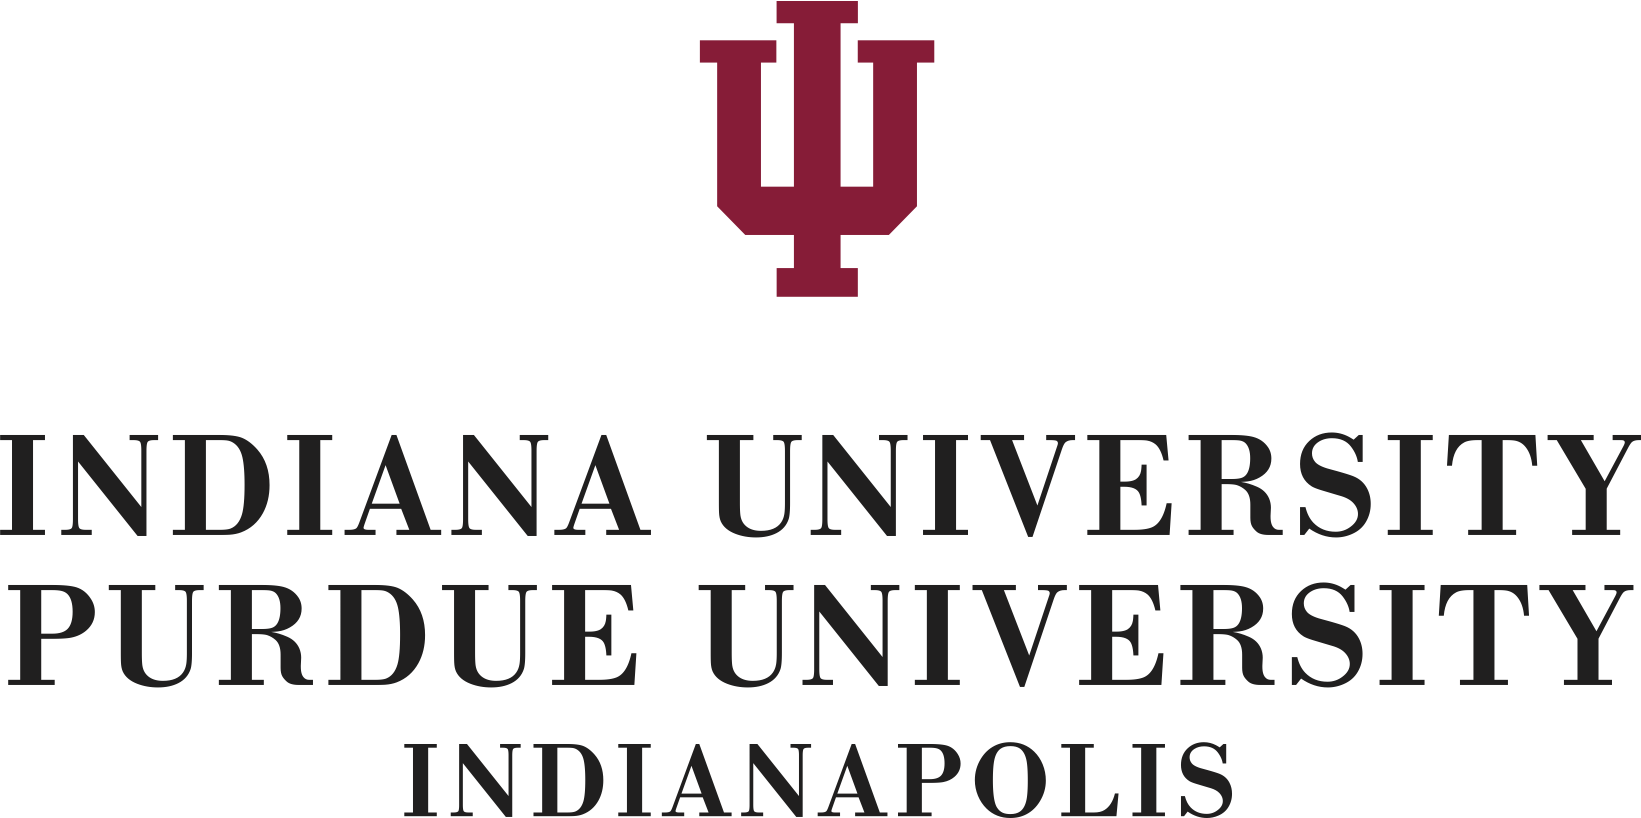 IUPUI University Library, branding, copywriting